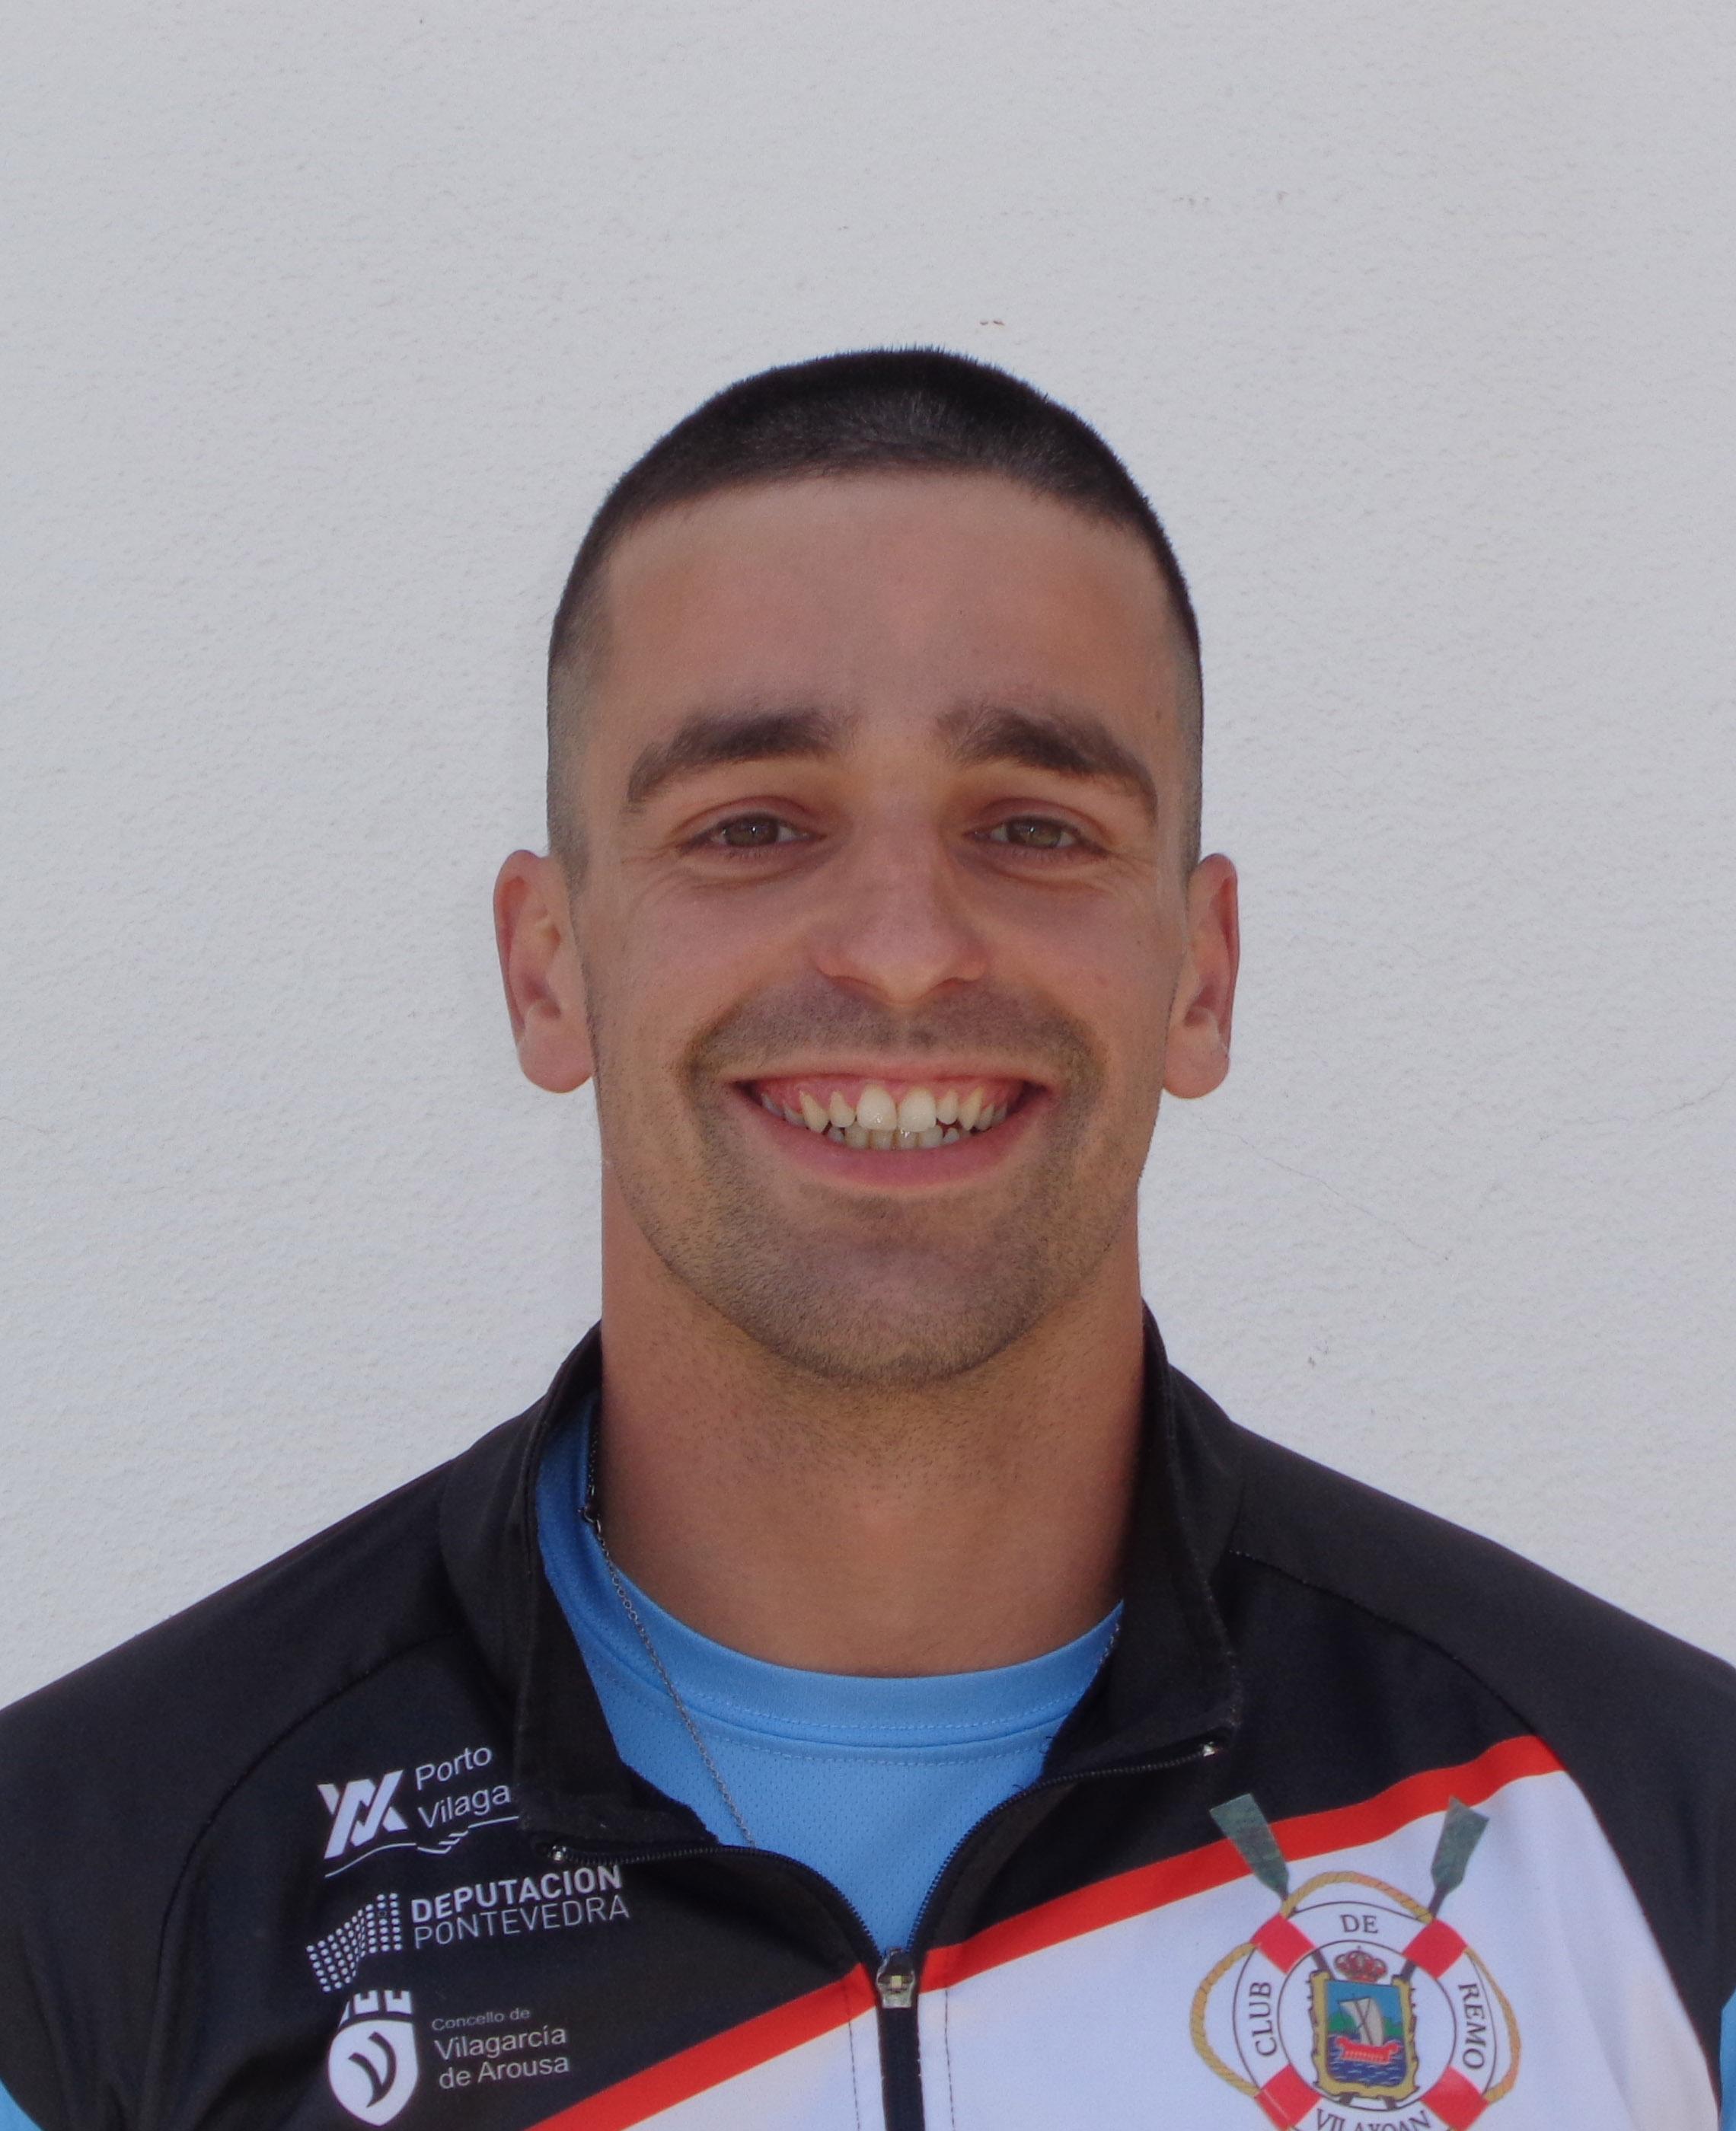 Kevin Vieira - NON PROPIO